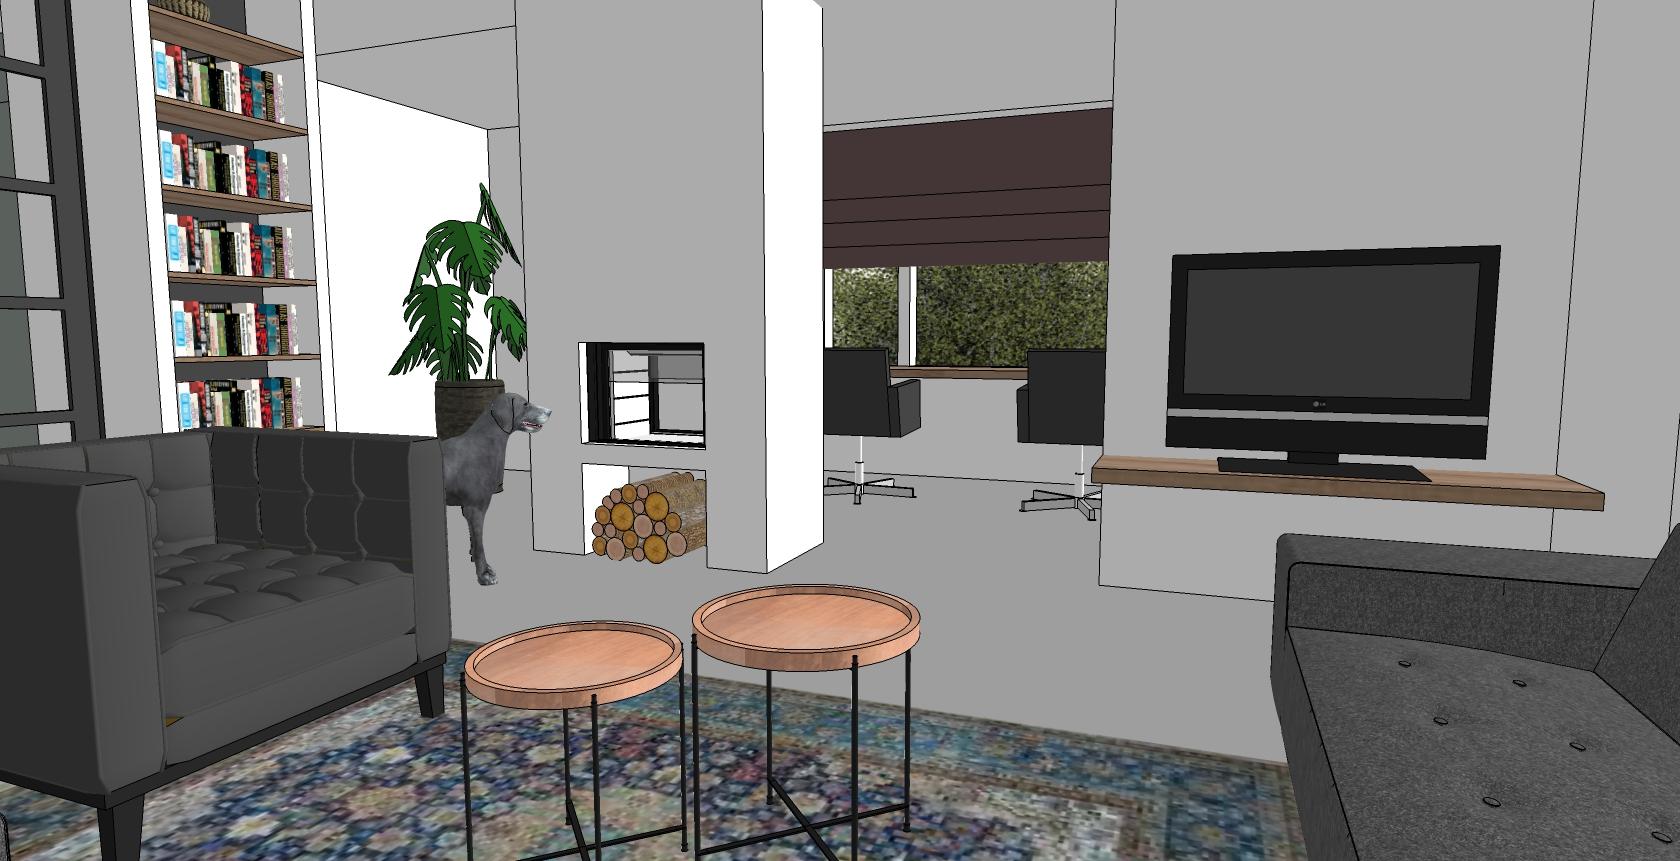 offiz-hoomz-interieuradvies-ontwerp-zeist-interieurvoorstel-uitbouw ...